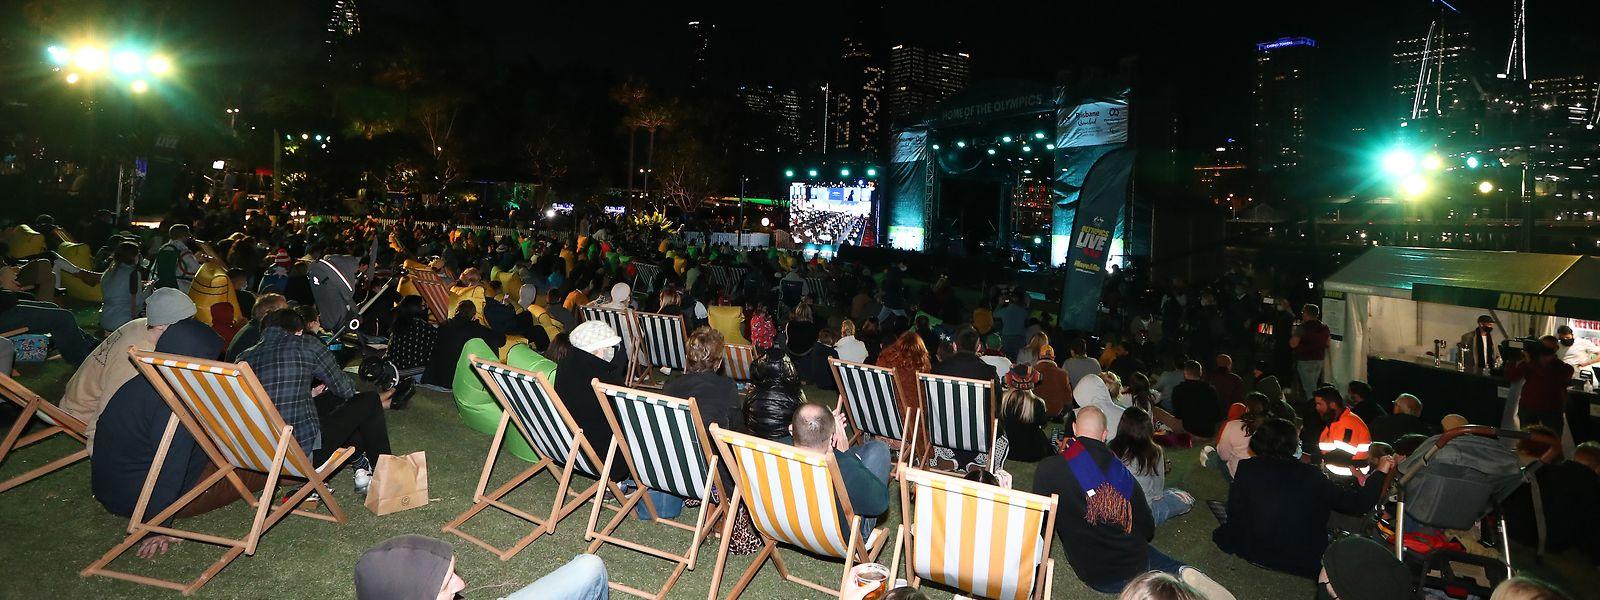 In Brisbane schauen sich die Menschen die Verkündung gemeinsam an.